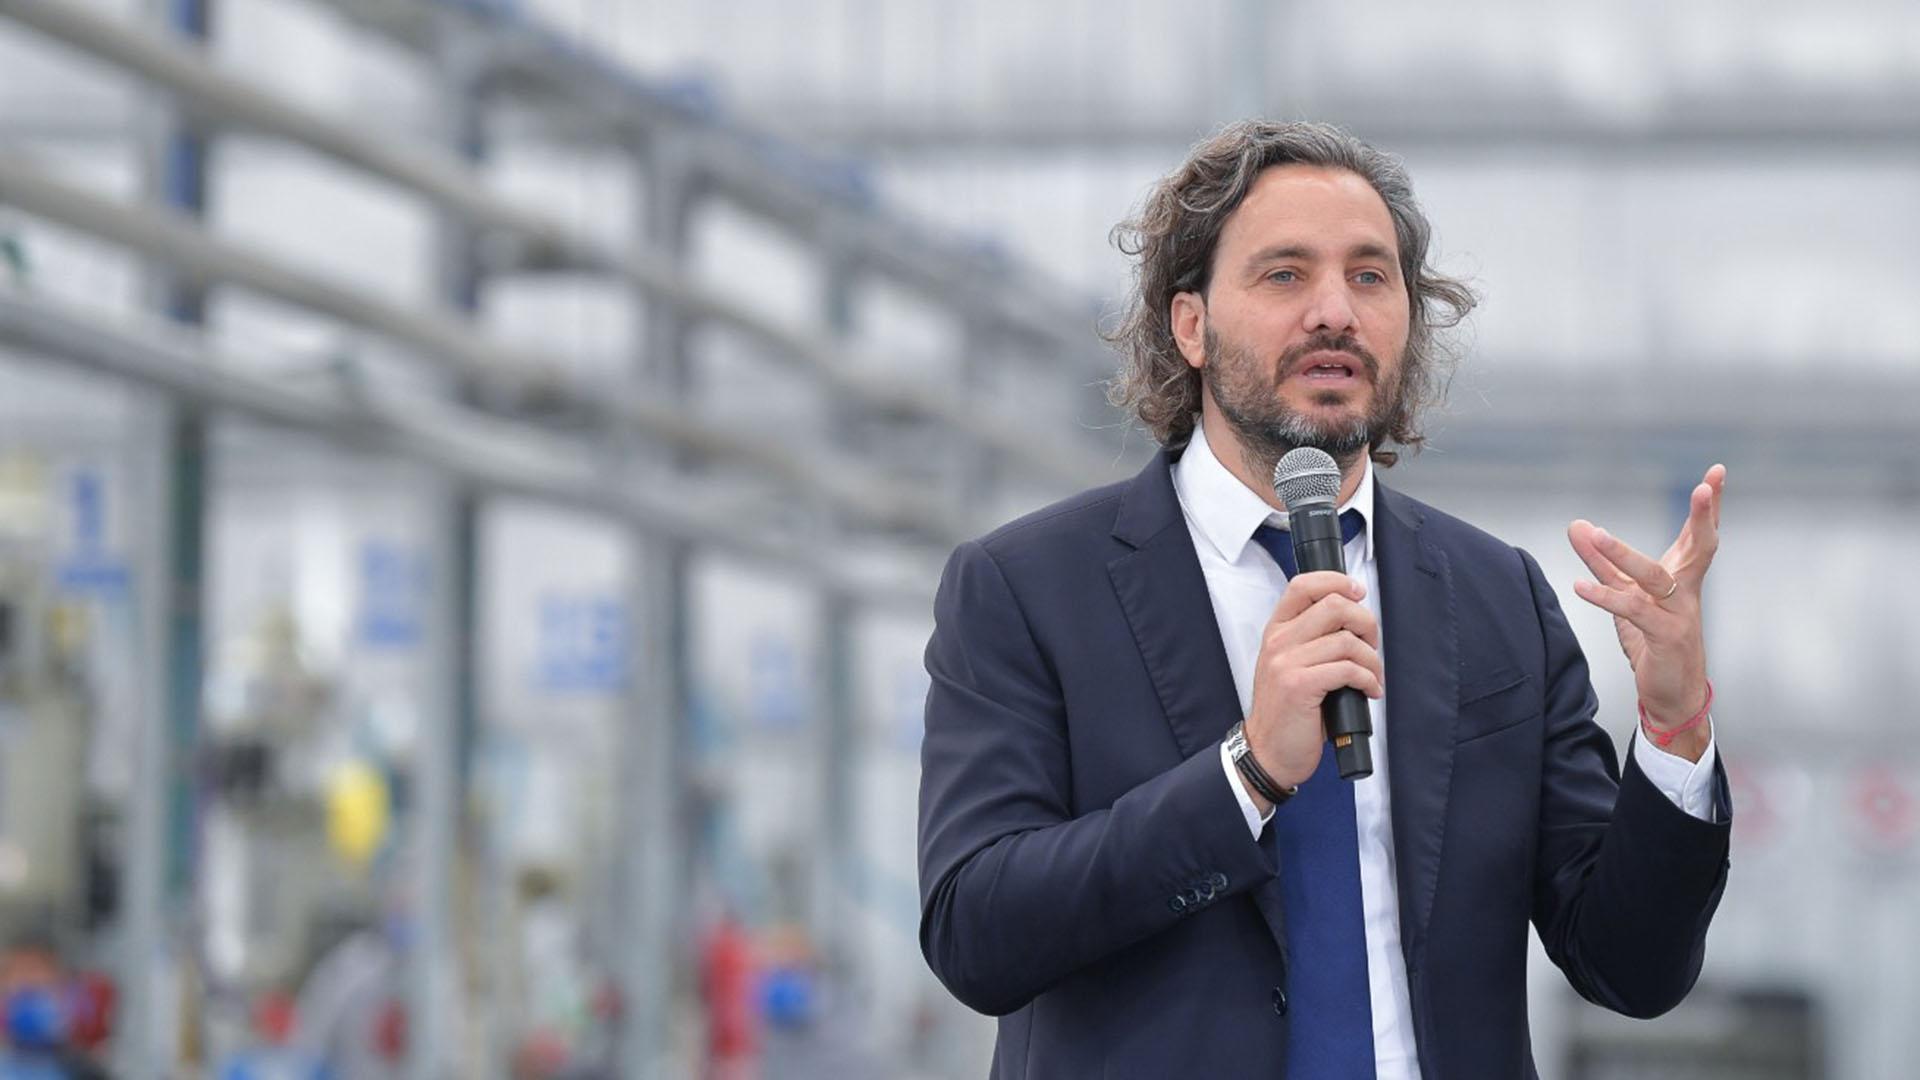 """Santiago Cafiero volvió a defender a Alberto Fernández por el festejo en Olivos: """"El Presidente no jodió a nadie"""""""